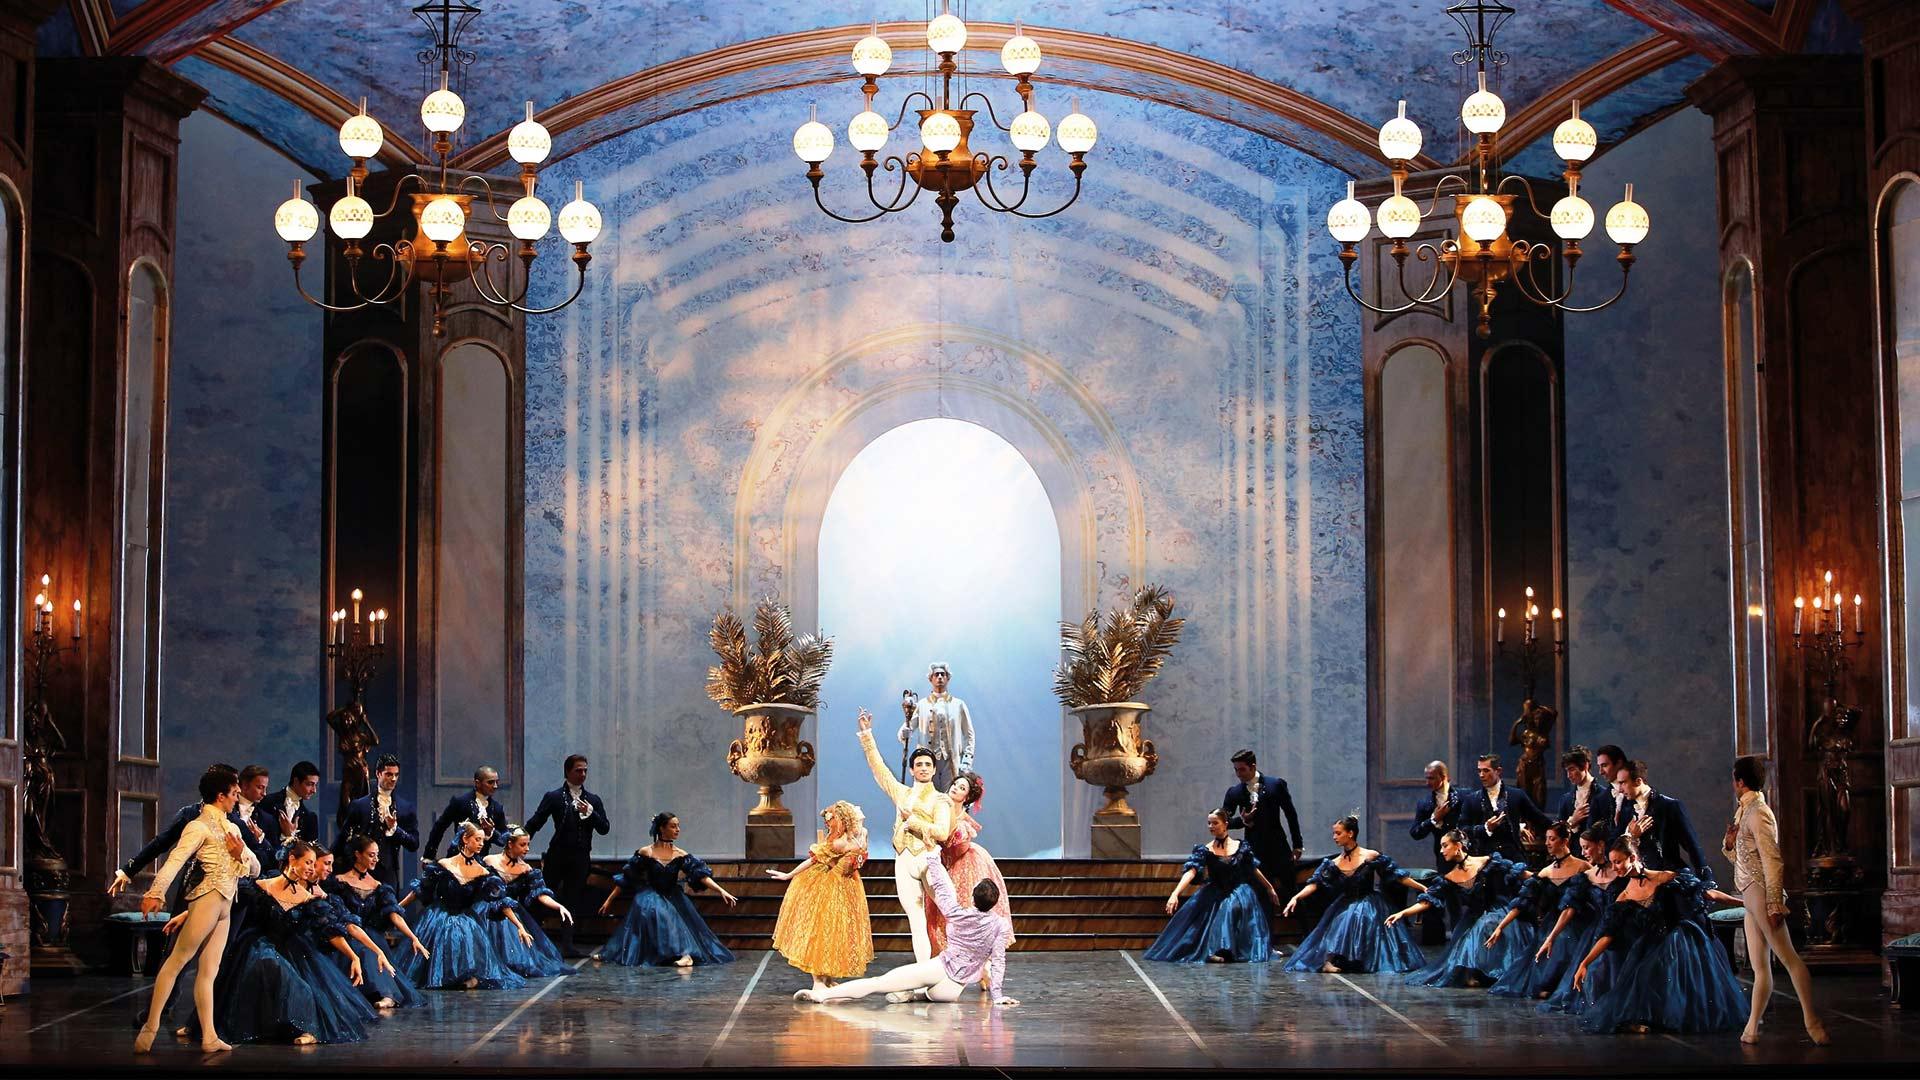 Opera_di_Roma_Stage_scenery_backdrop